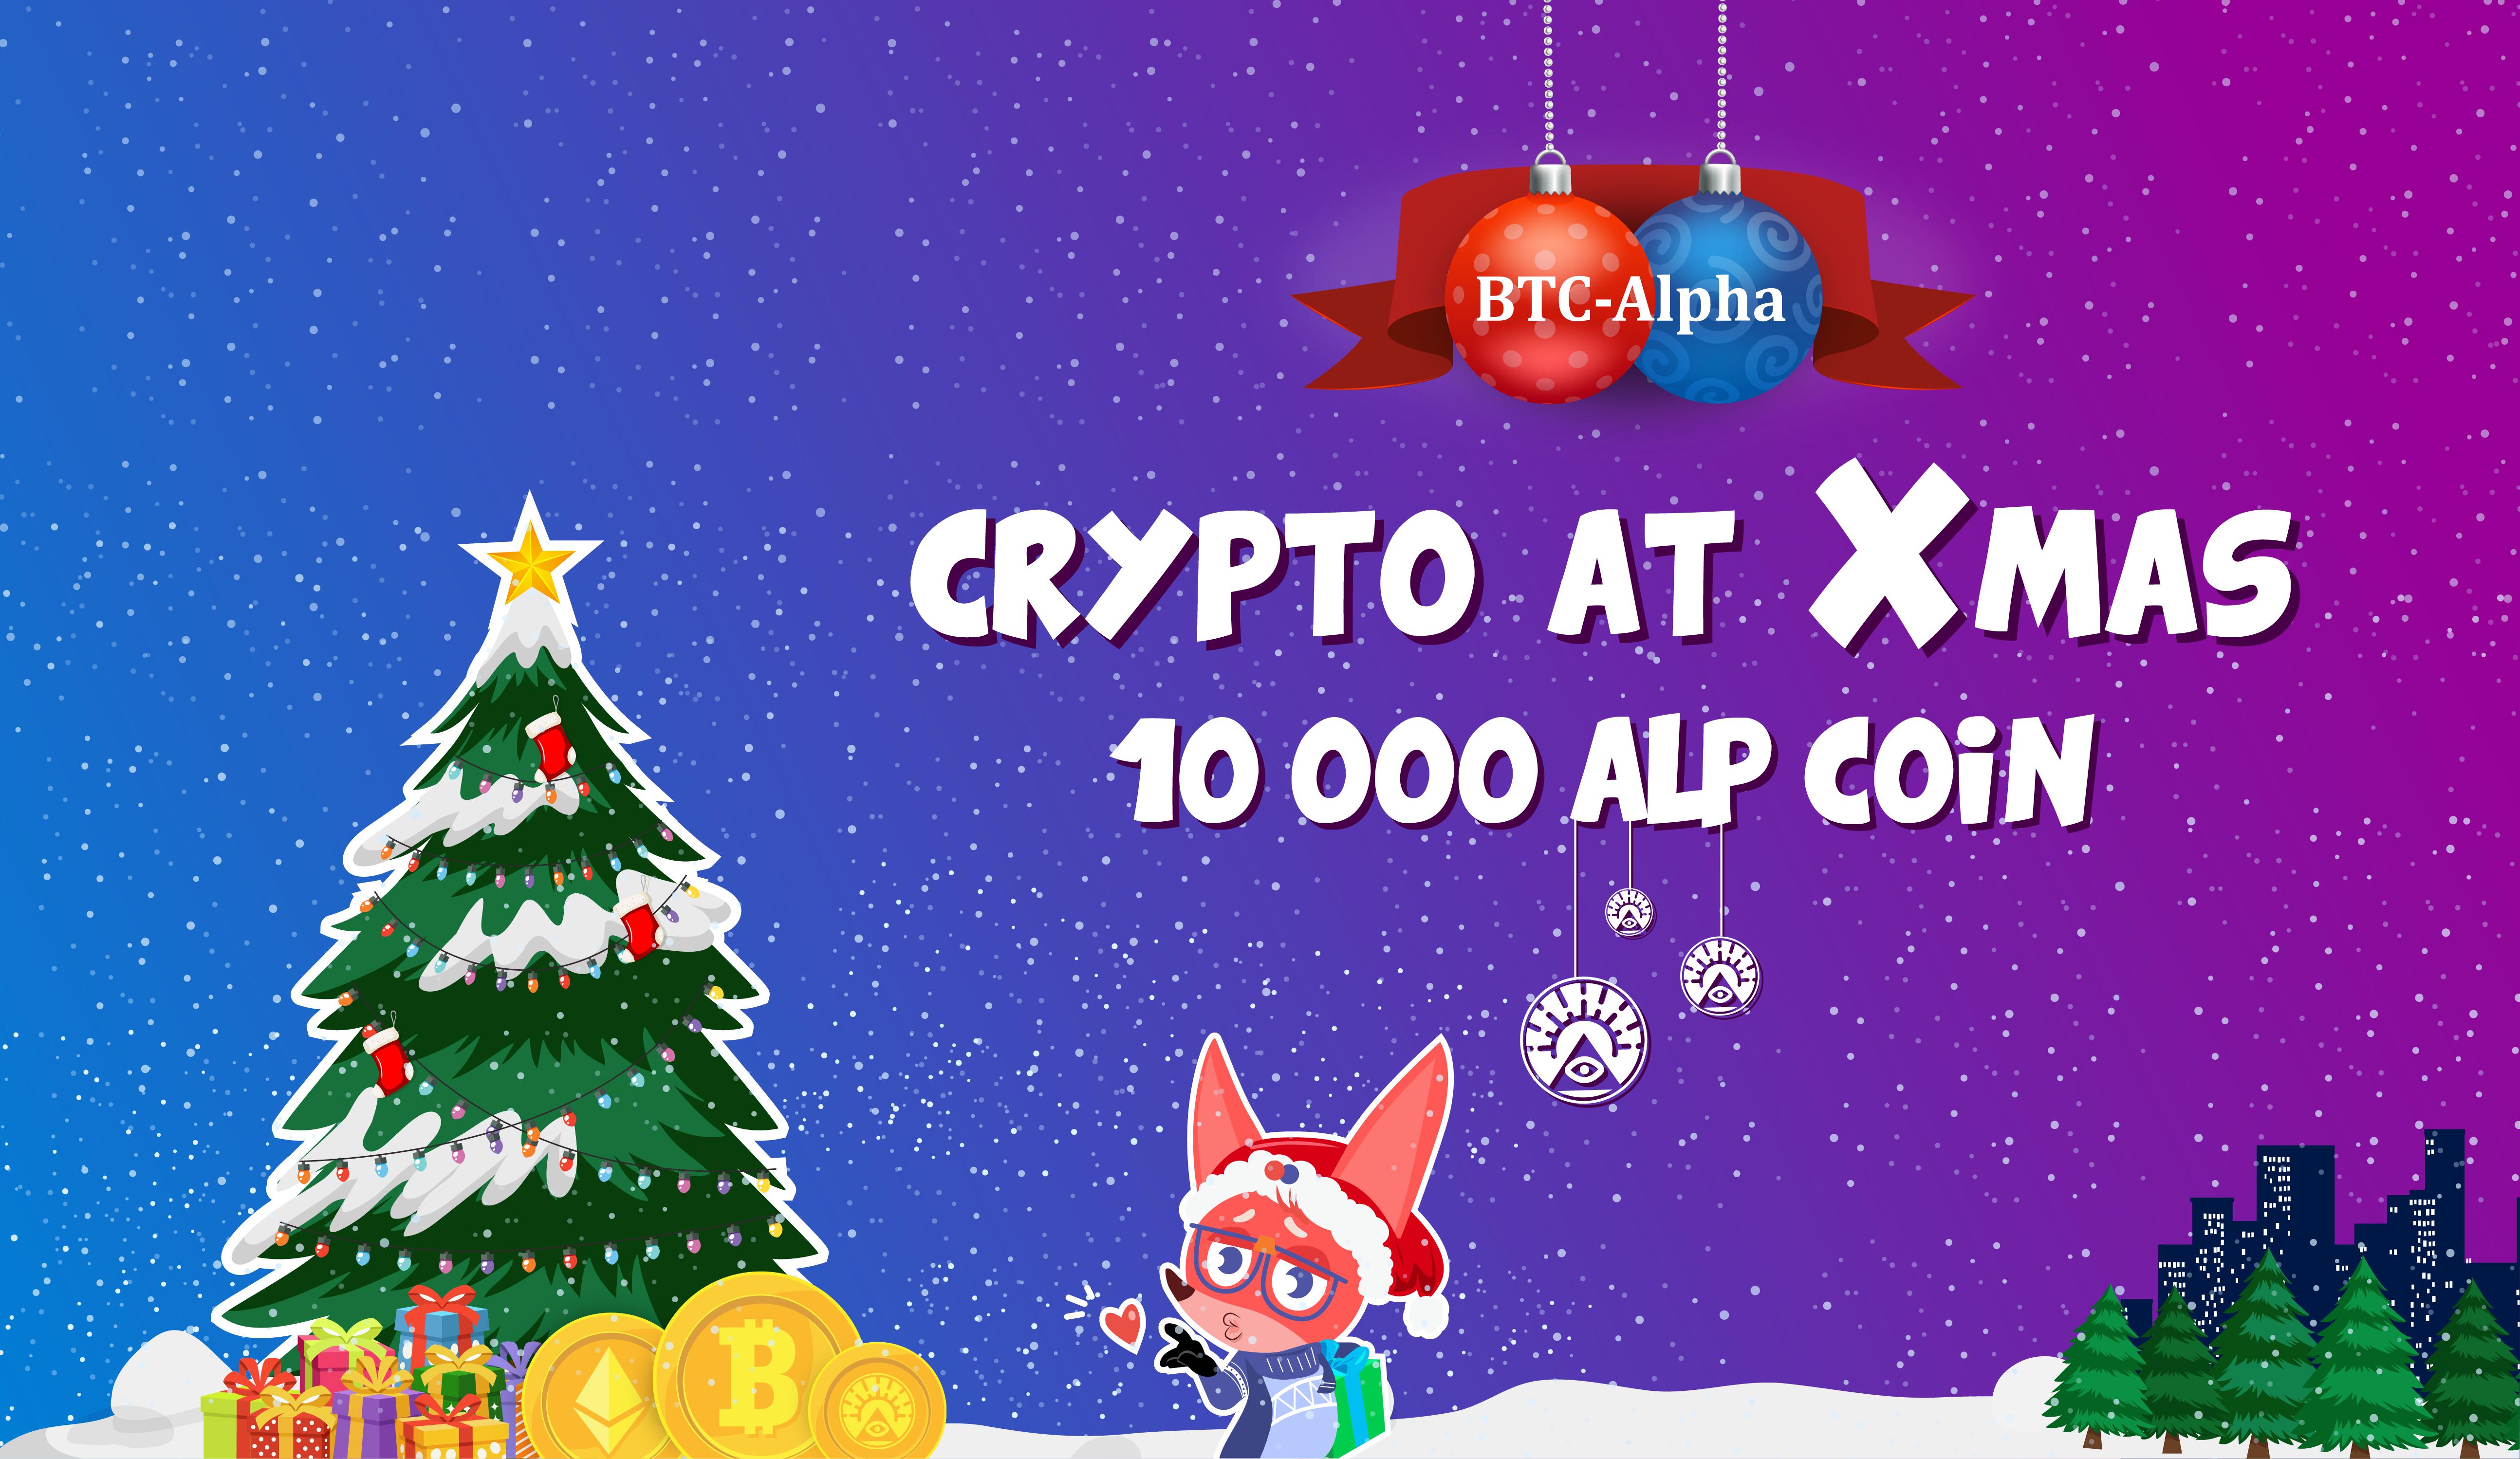 Crypto at Christmas  — giving away 10 000 ALP 😱